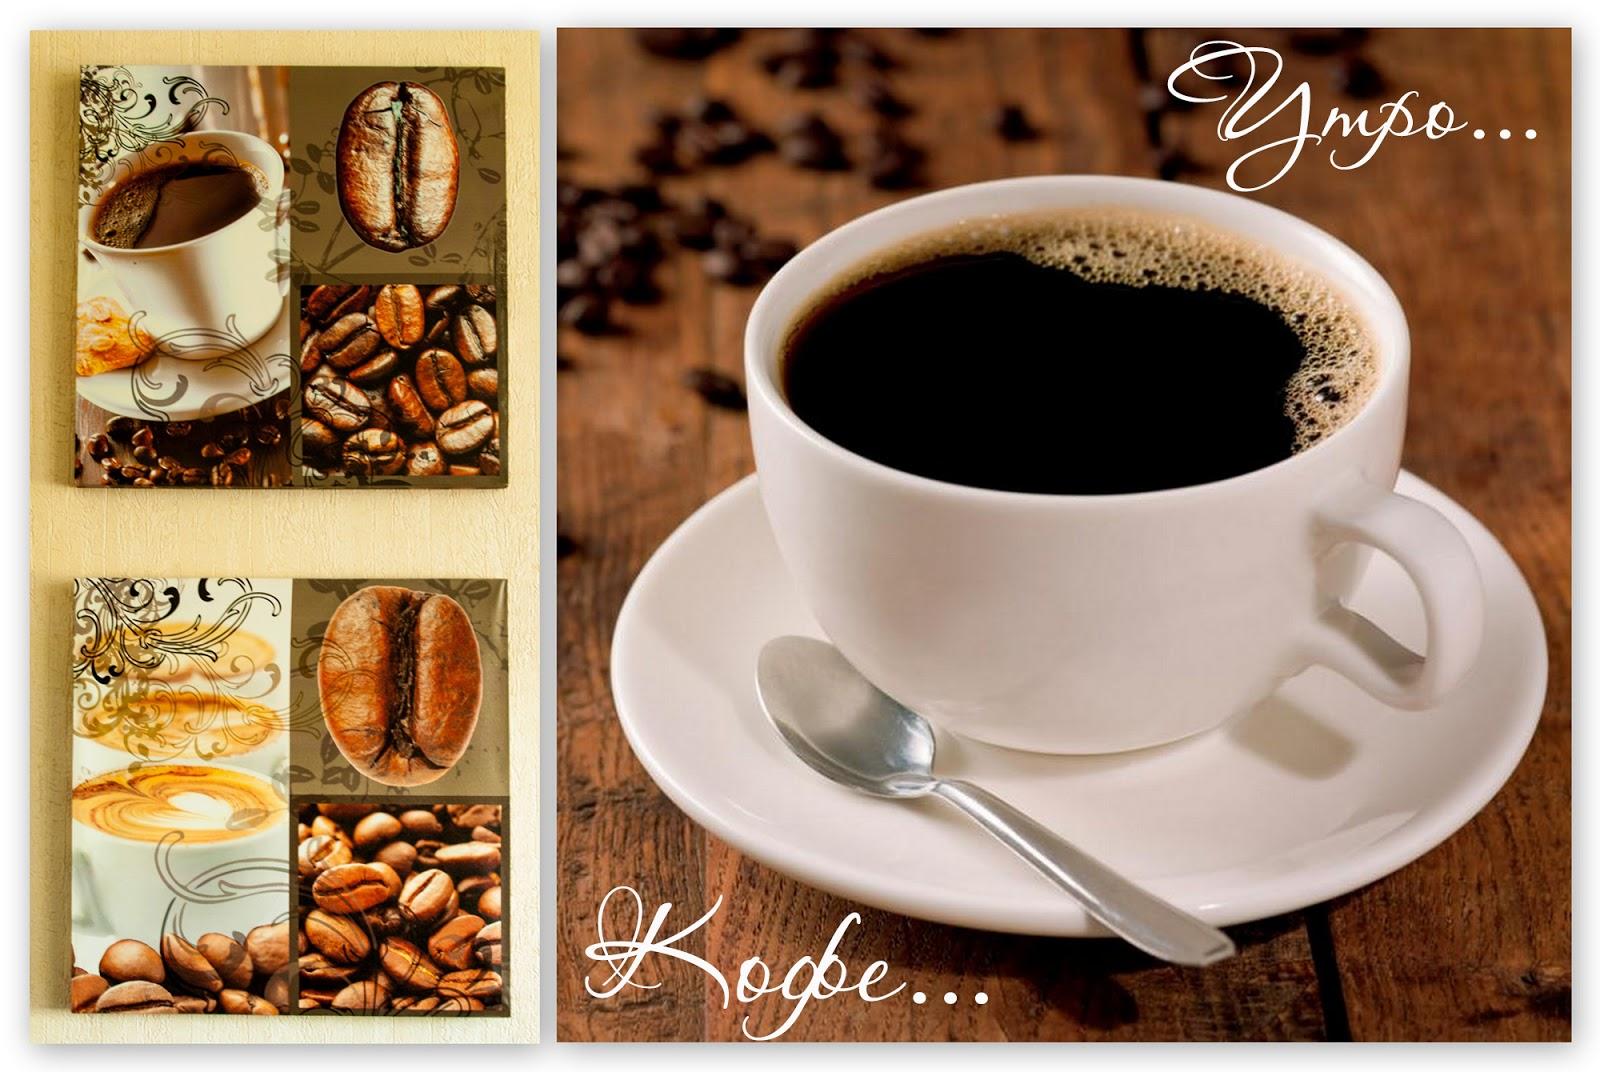 кофе, люблю кофе, утро, доброе утро